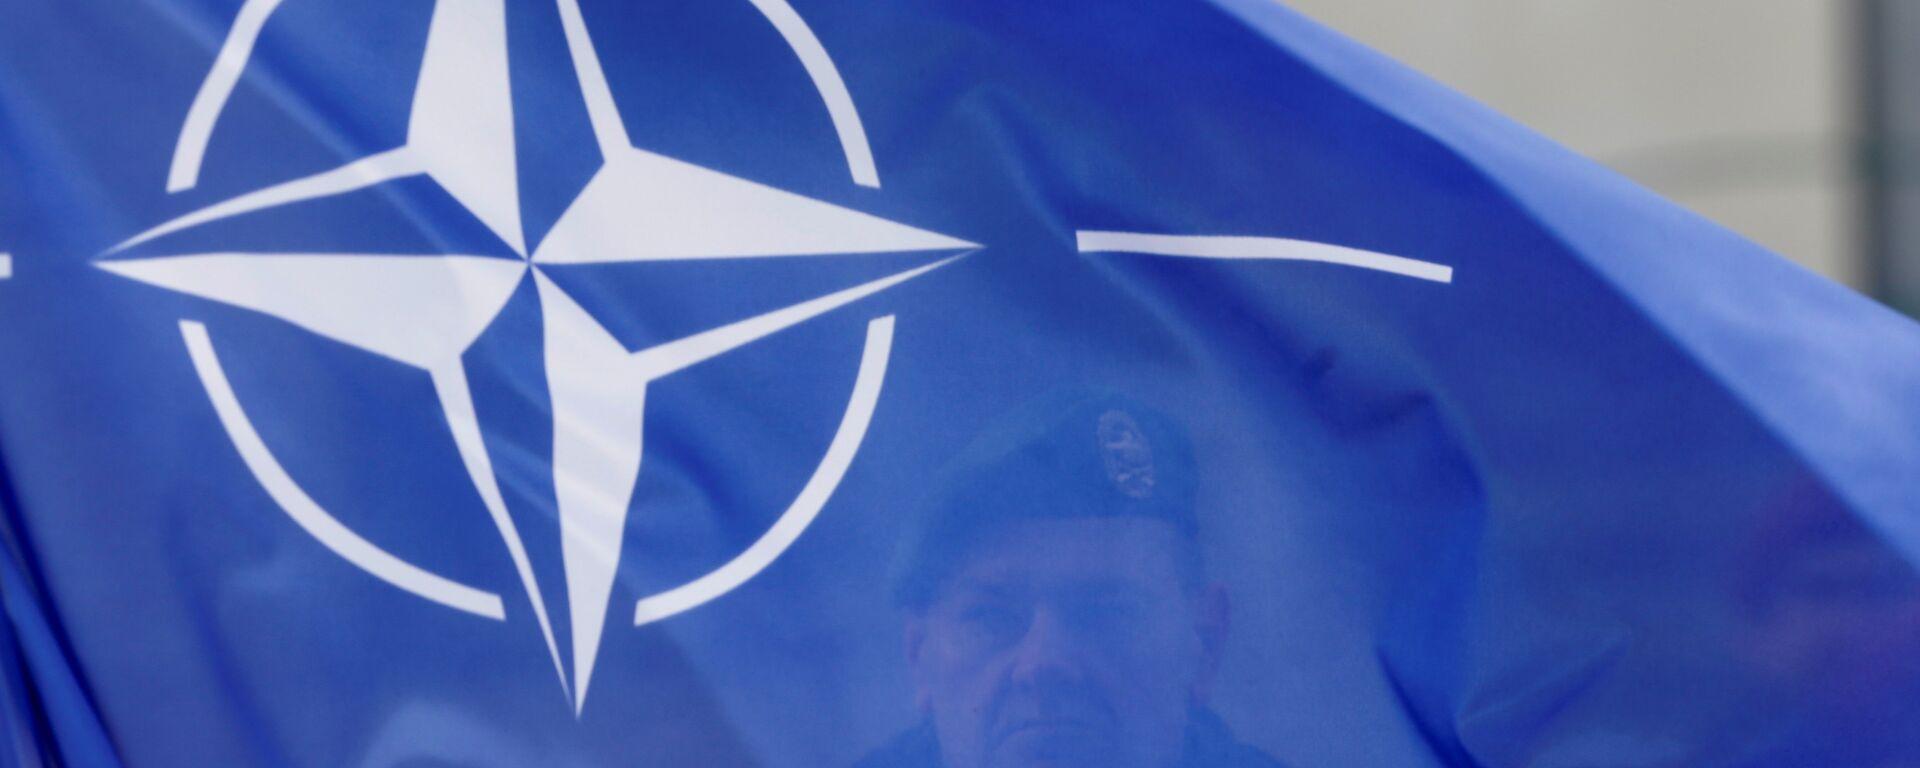 Bandera de la OTAN - Sputnik Mundo, 1920, 18.06.2021